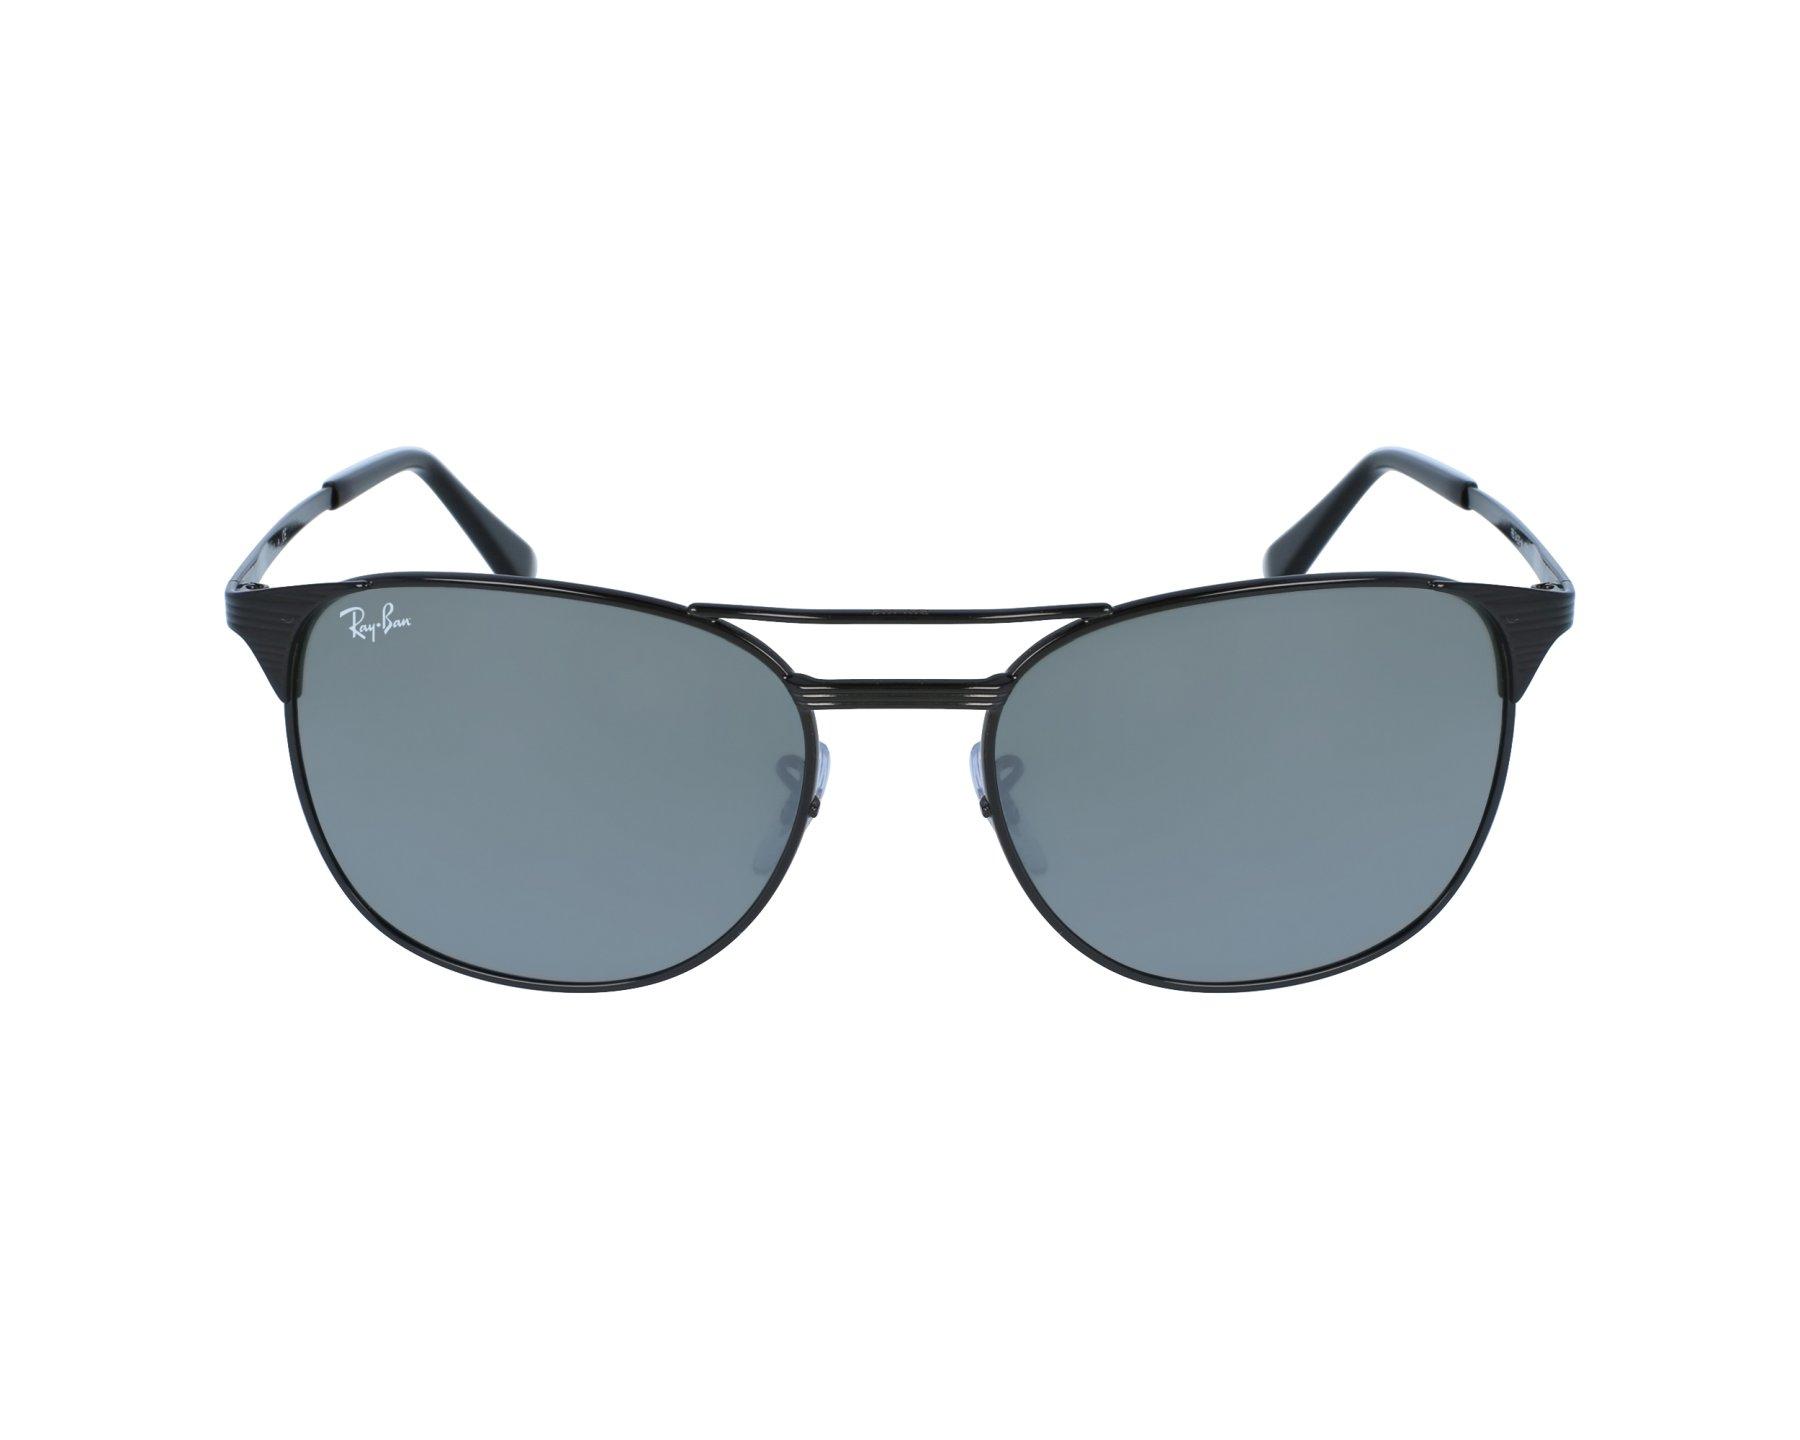 2ecb678ab6f Sunglasses Ray-Ban RB-3429-M 002 40 58-19 Black